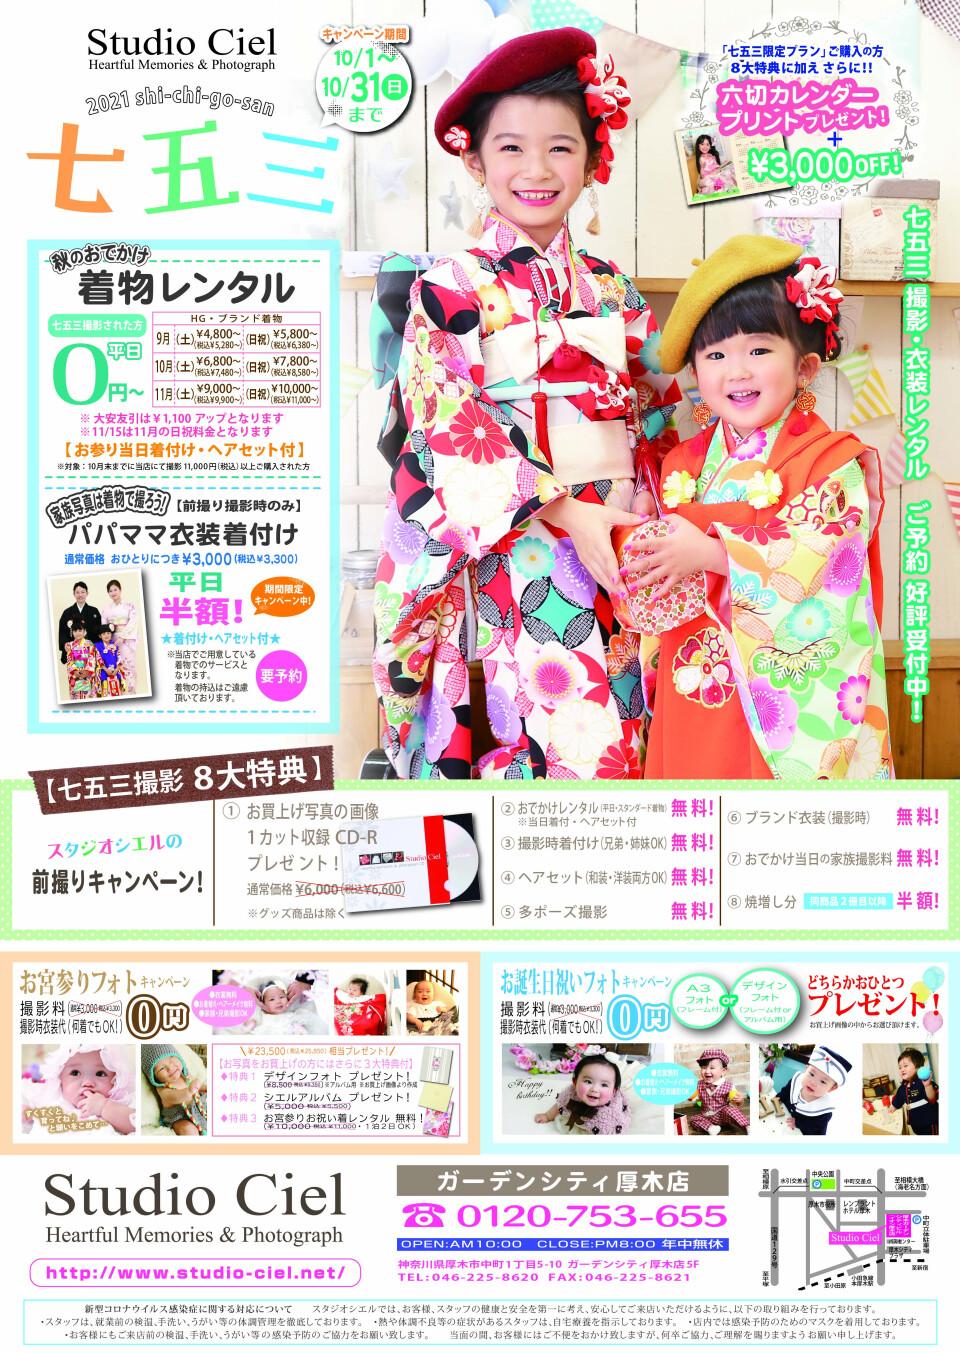 studio-ciel_omote_20210924_atsugi_web